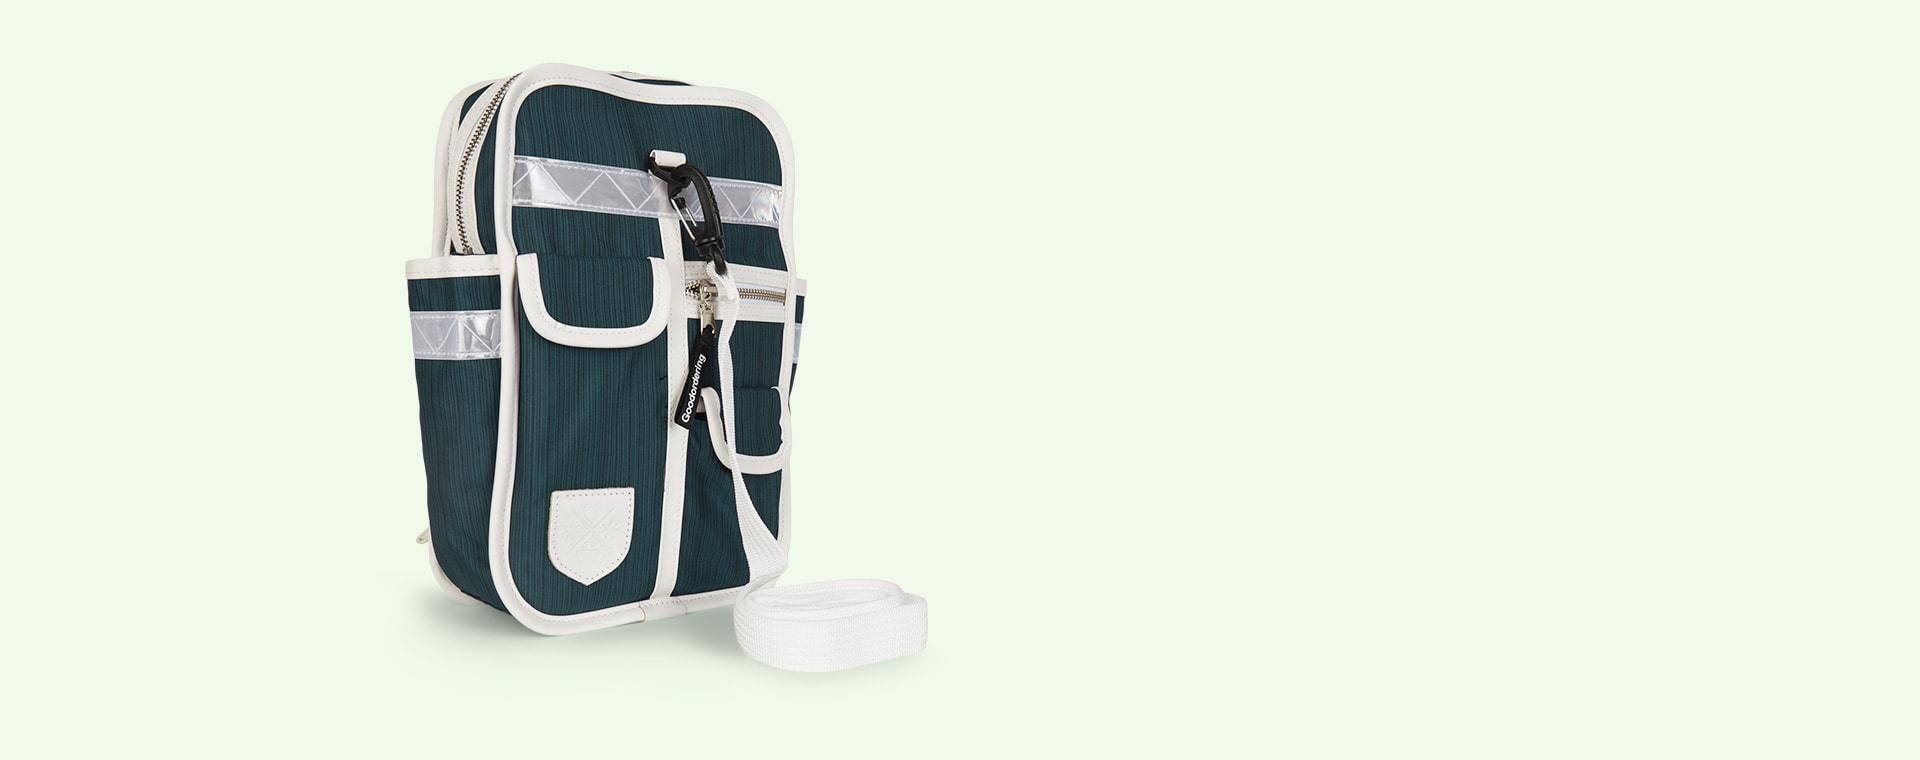 Green Good Ordering Mini Backpack